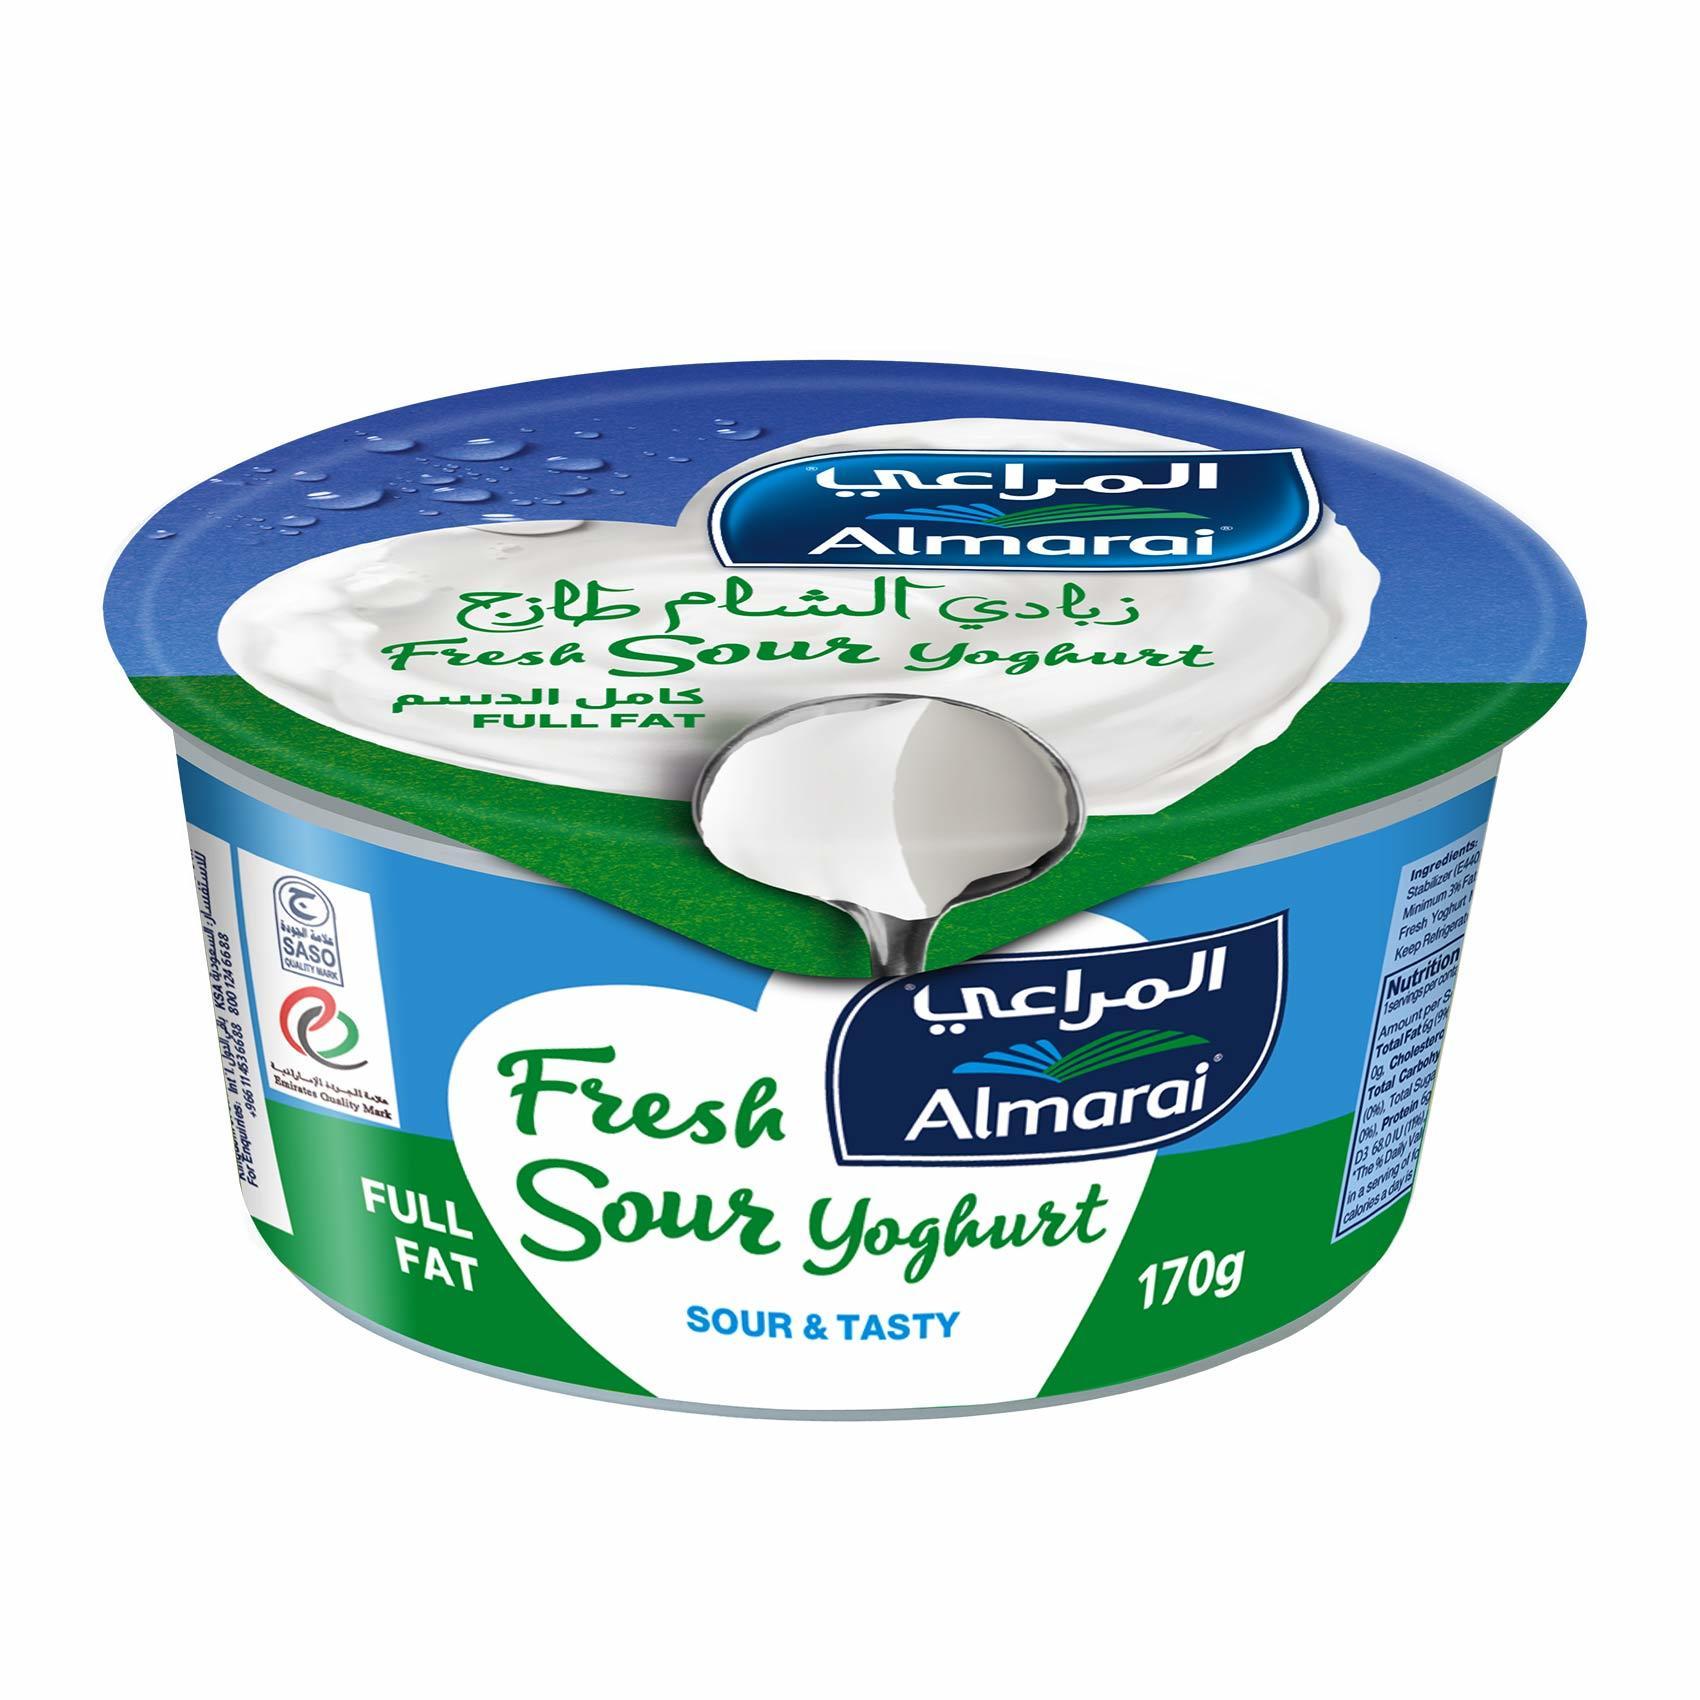 Buy Almarai Full Fat Fresh Sour Yoghurt 170 G Online Shop Fresh Food On Carrefour Saudi Arabia